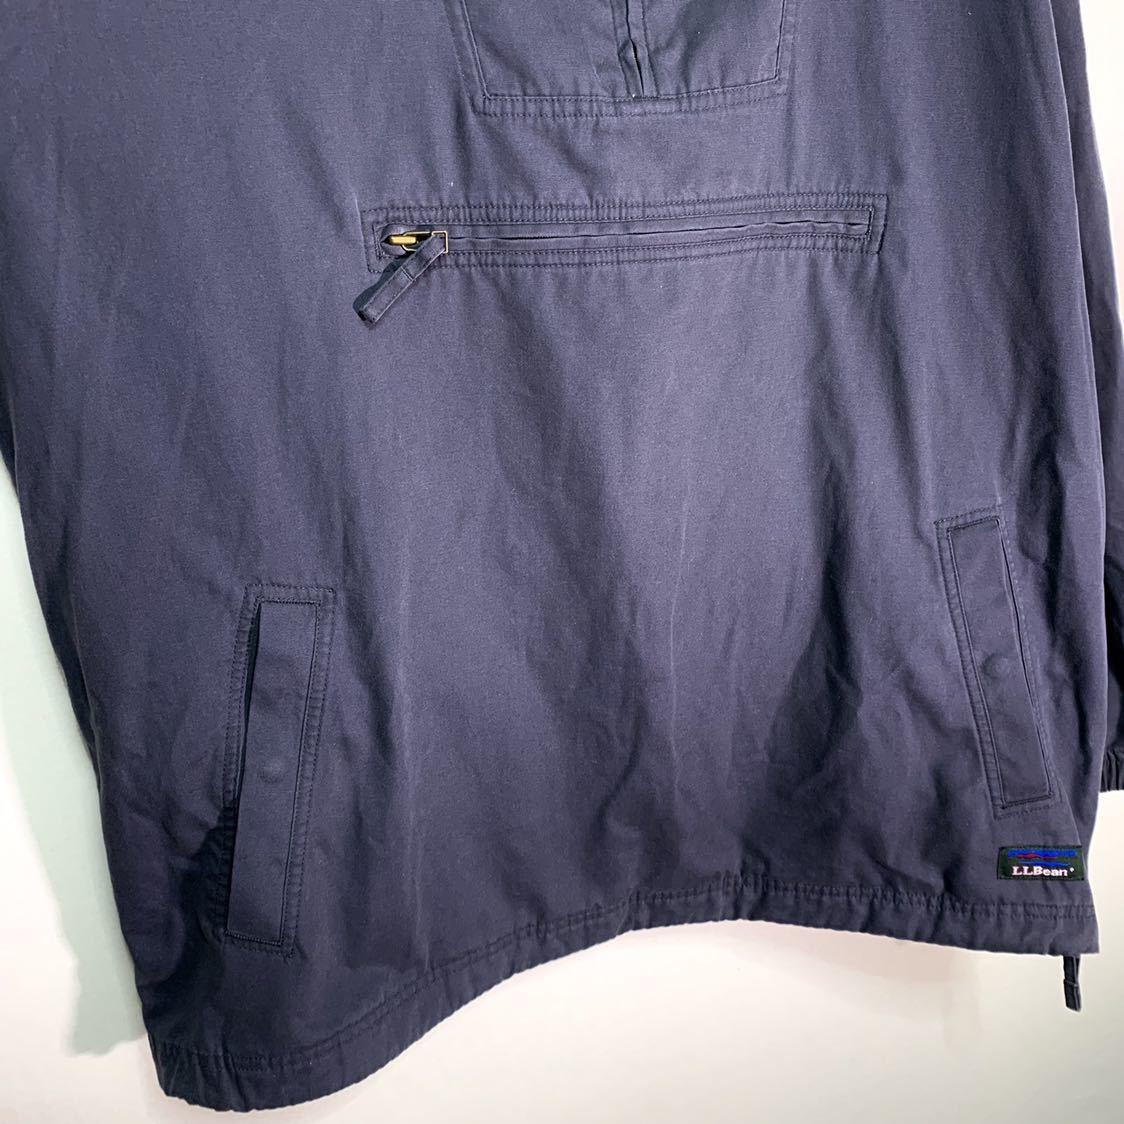 【送料込】90s L.L.Bean アノラック ナイロンジャケット L 紺 ネイビー タイ製 エルエルビーン 70s 80s 00s ビンテージ 古着 オールド_画像5